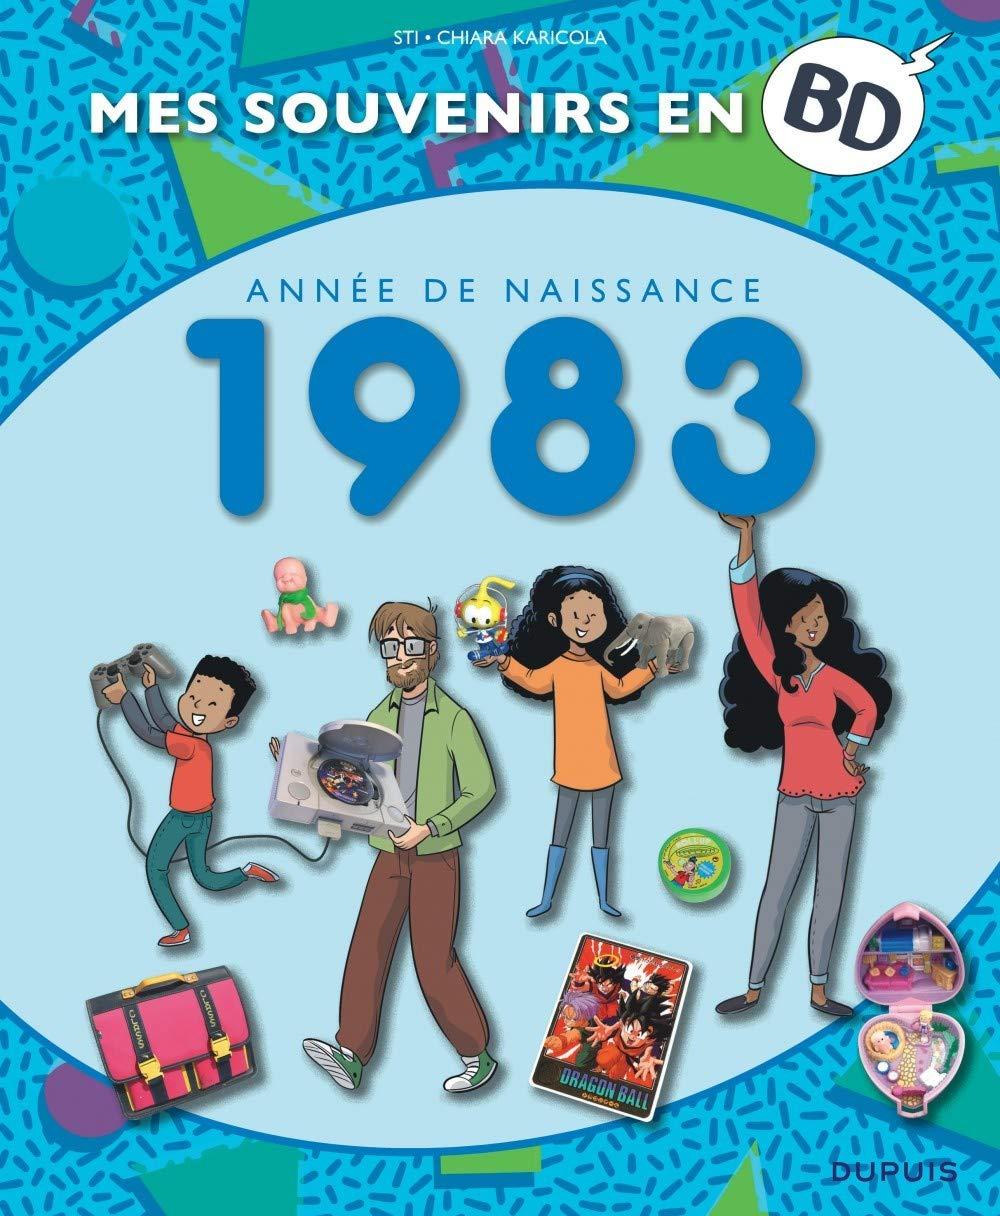 Mes souvenirs en BD 44 - Année de naissance 1983